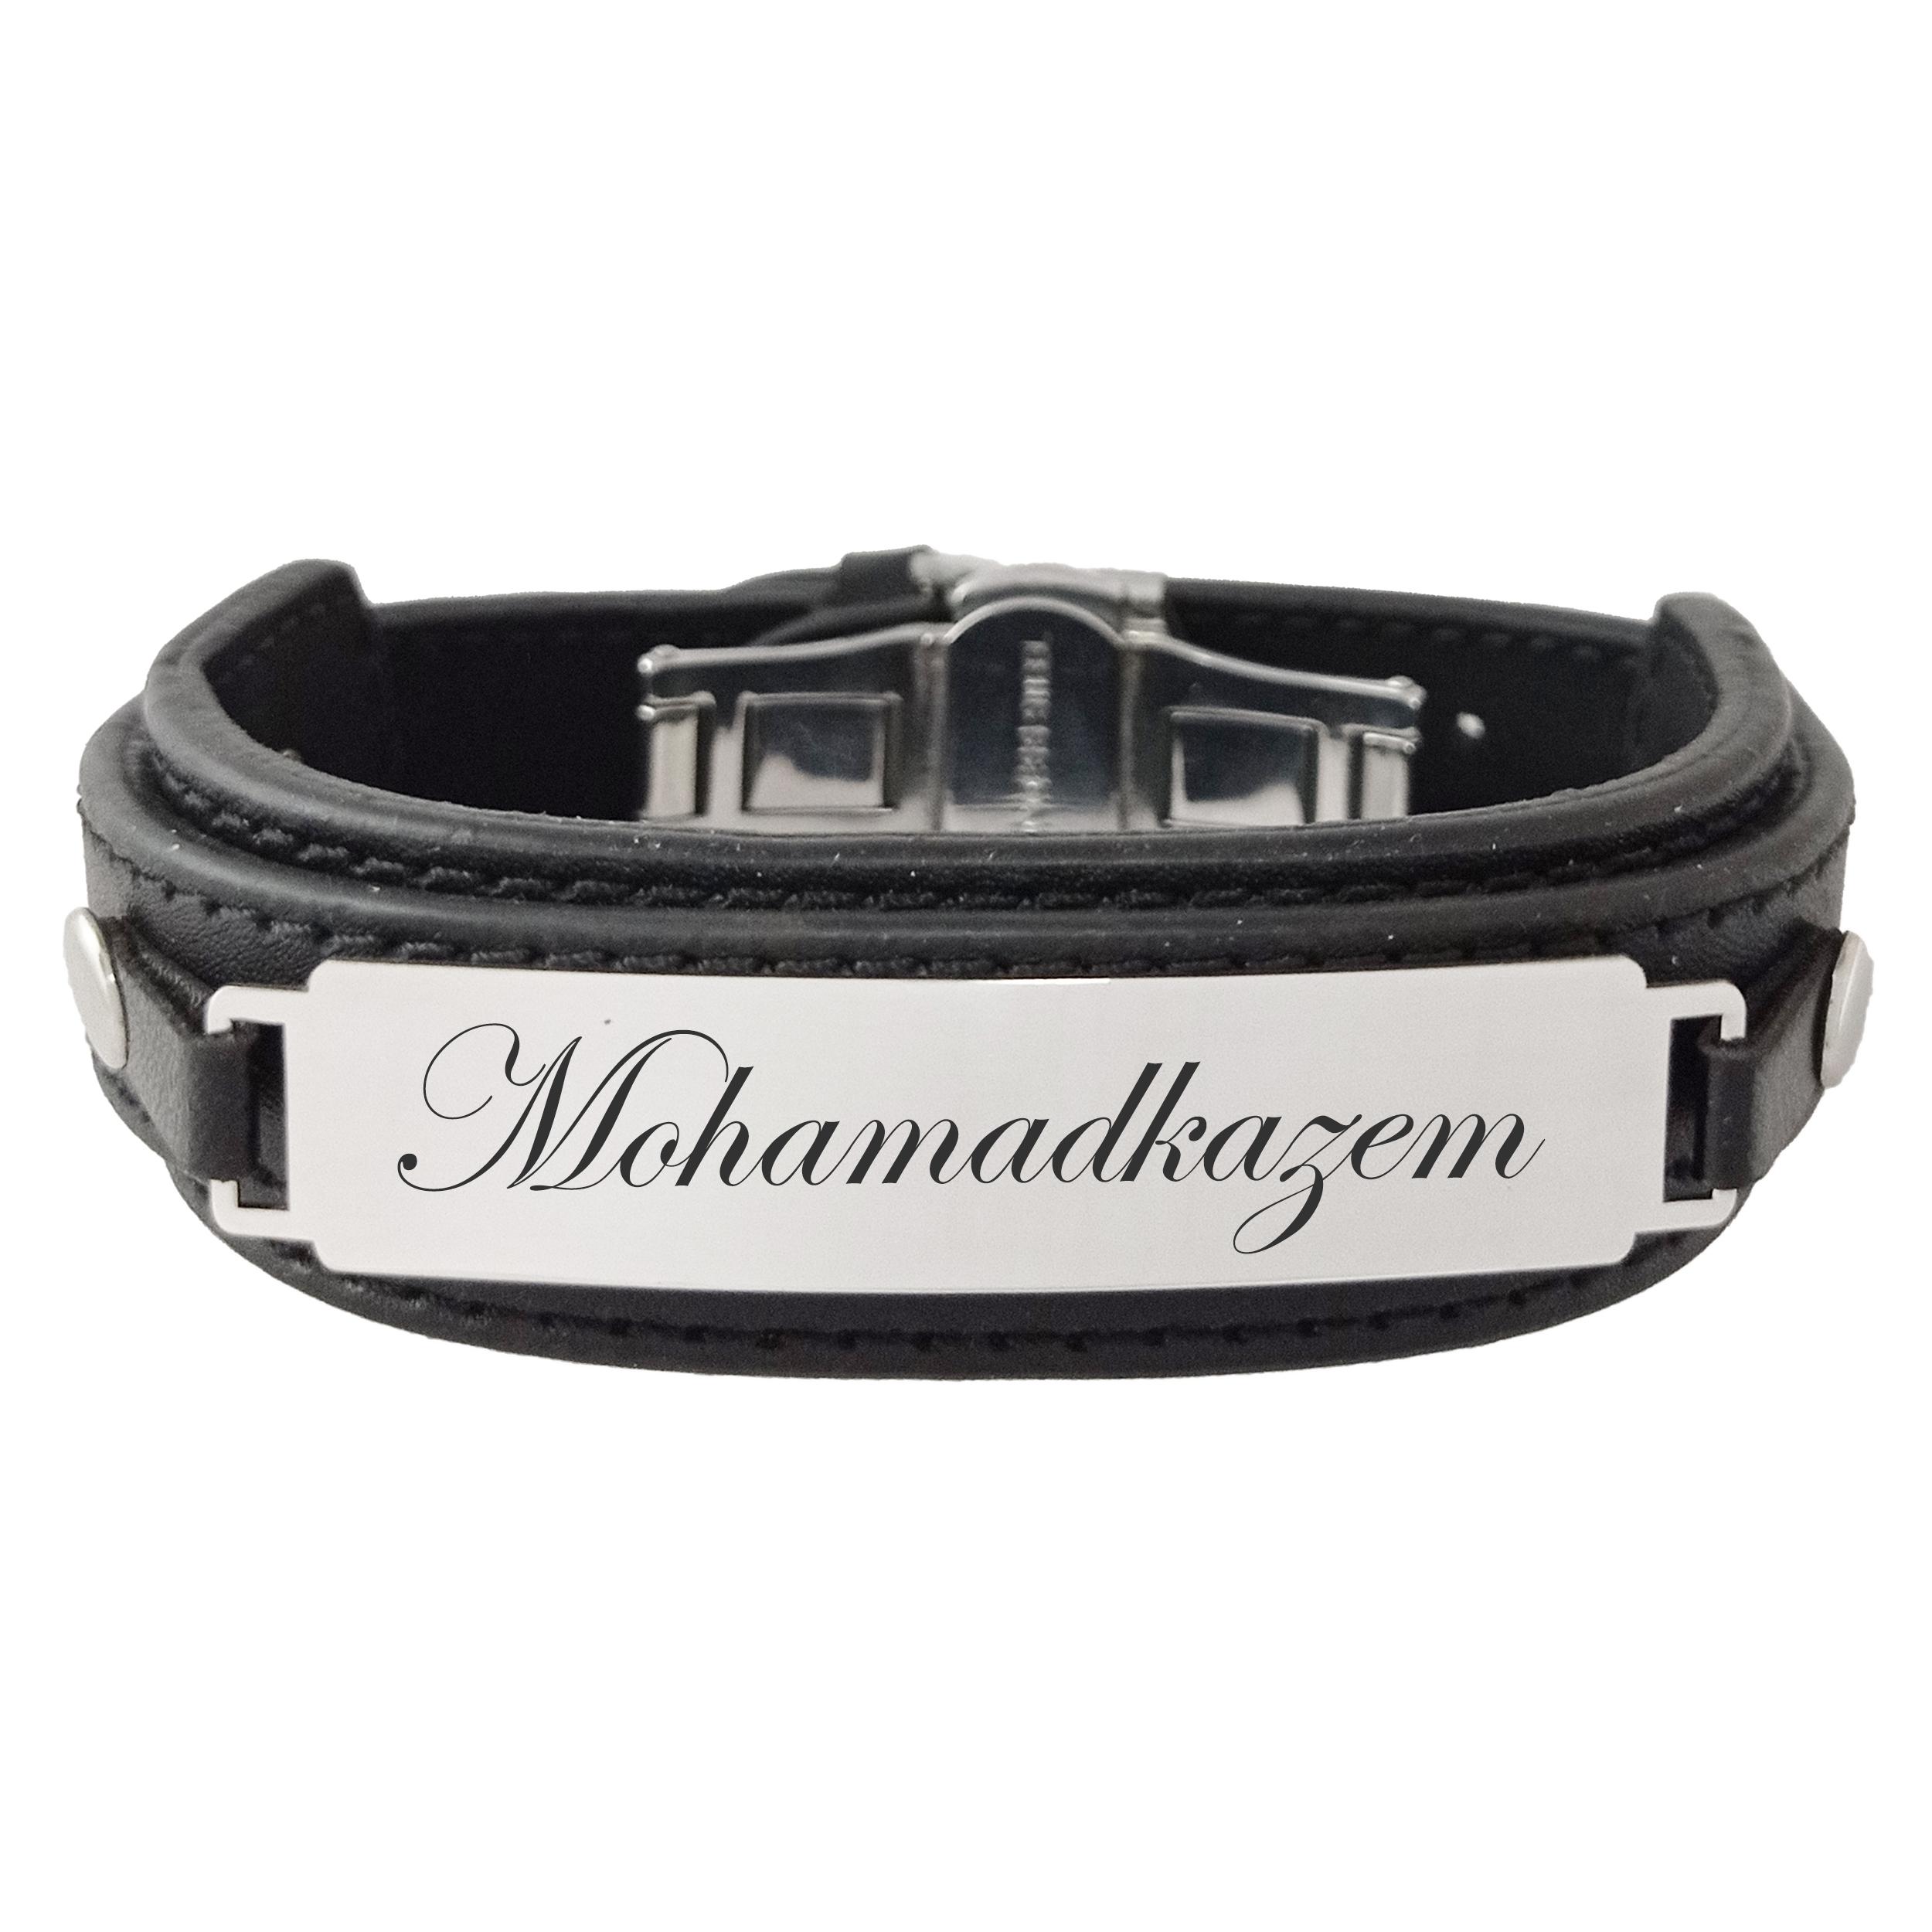 دستبند مردانه ترمه ۱ مدل محمدکاظم کد Sam 969